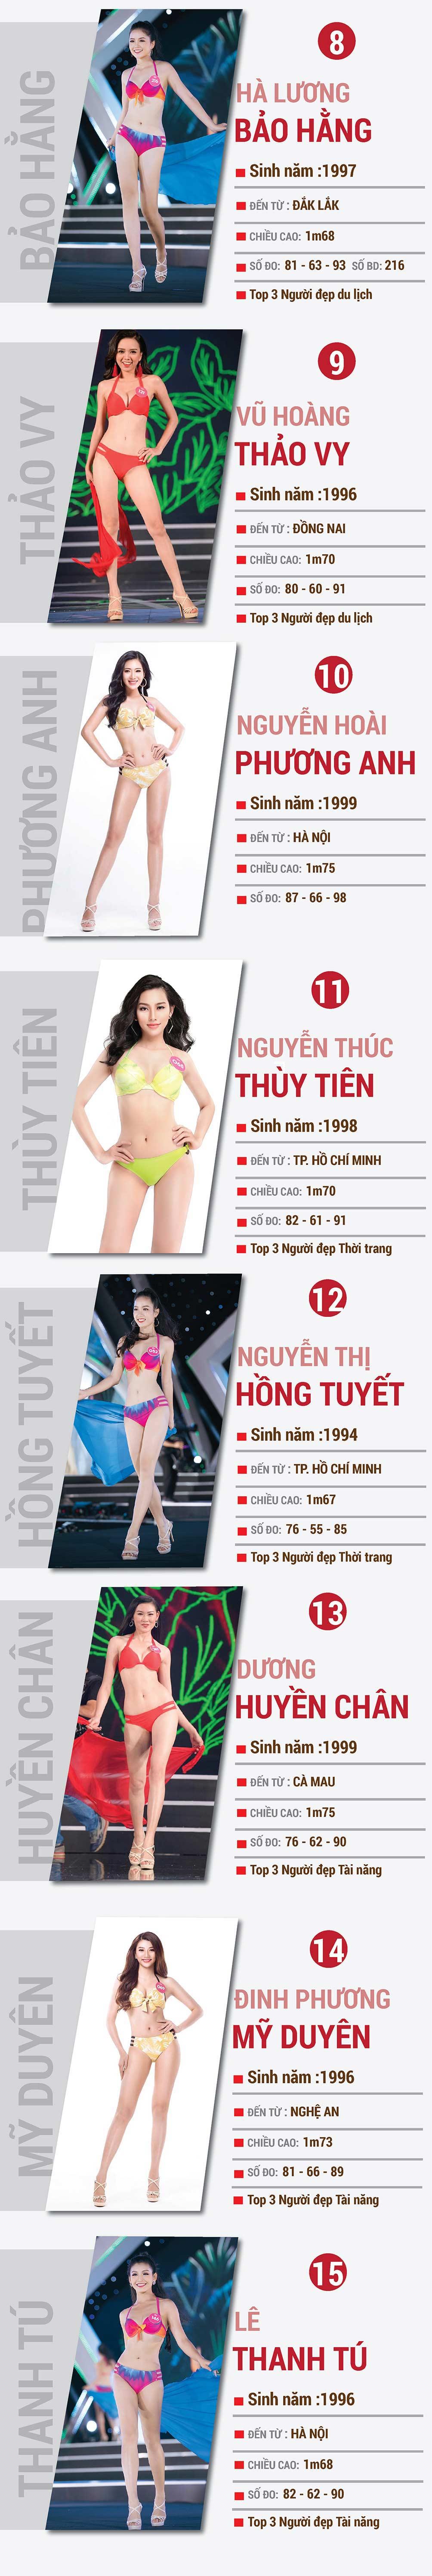 15 cô gái tiềm năng nhất Hoa hậu Việt Nam 2018 - 2